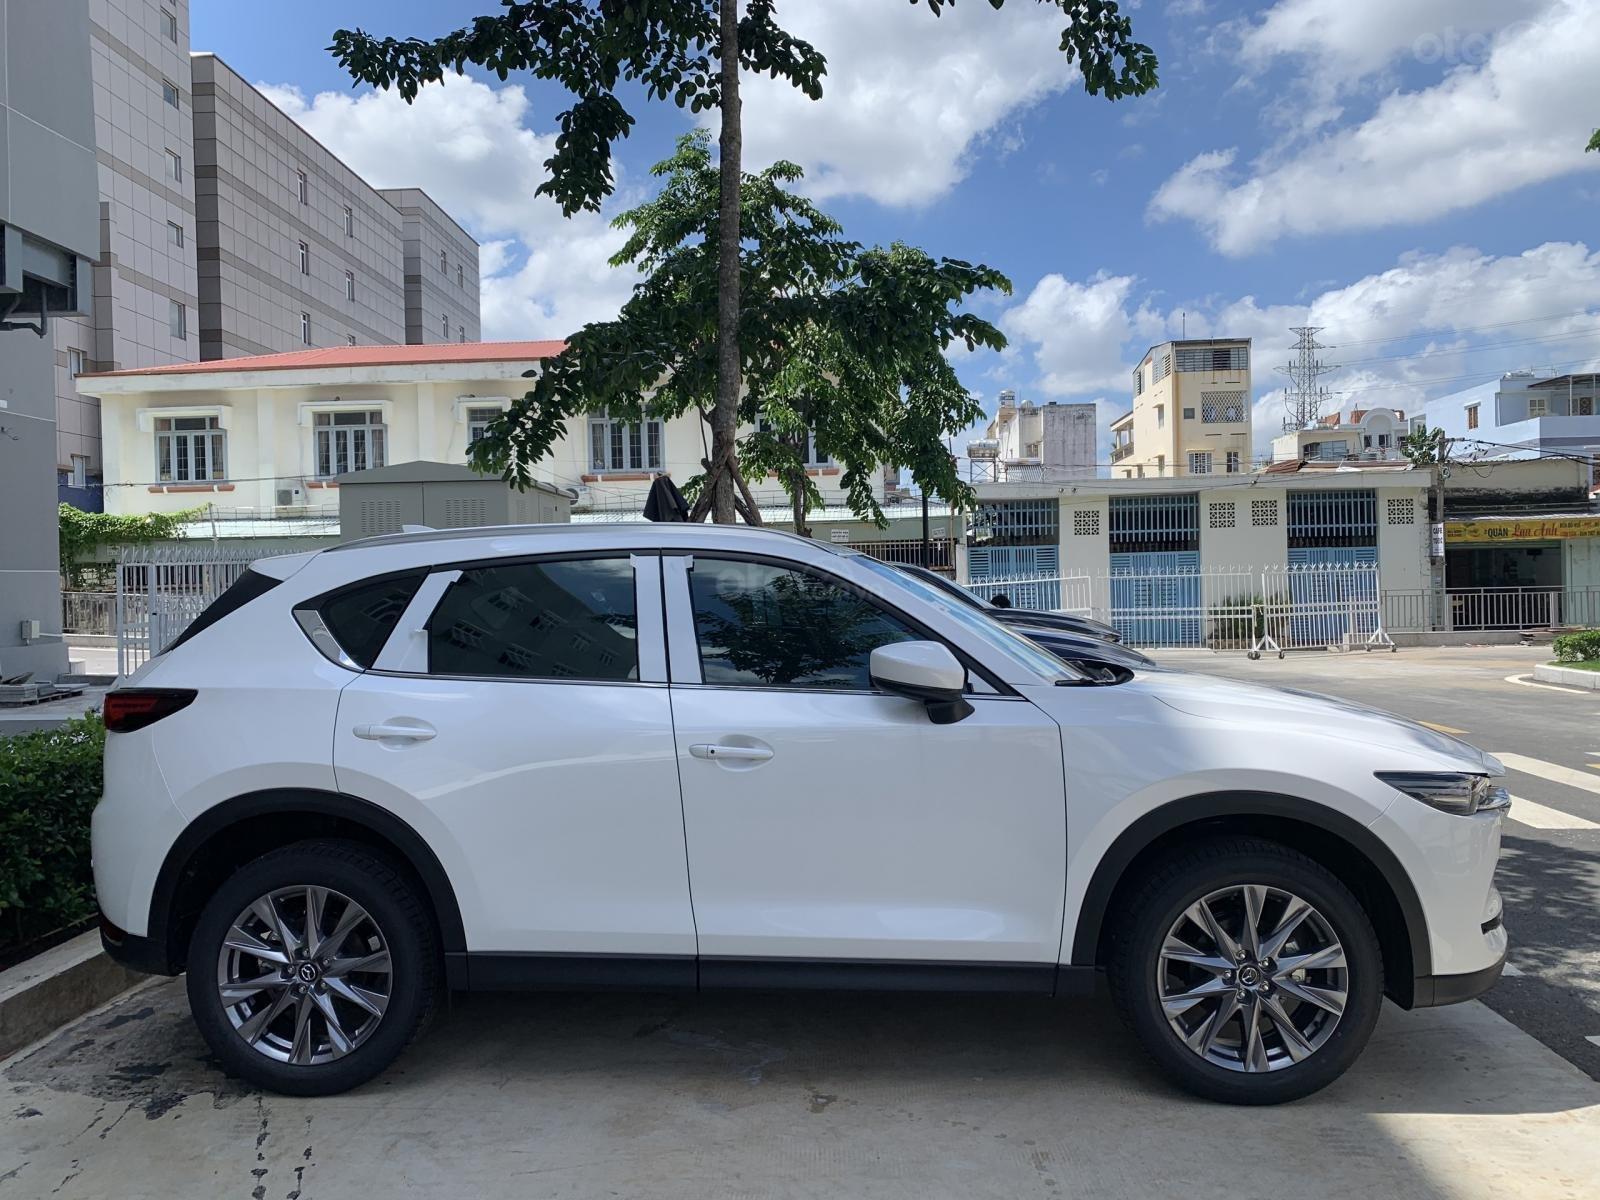 [Mazda Bình Triệu] CX 8- giảm 40tr + hỗ trợ vay 80%. Gọi ngay 0345 309 502 để được tư vấn (2)